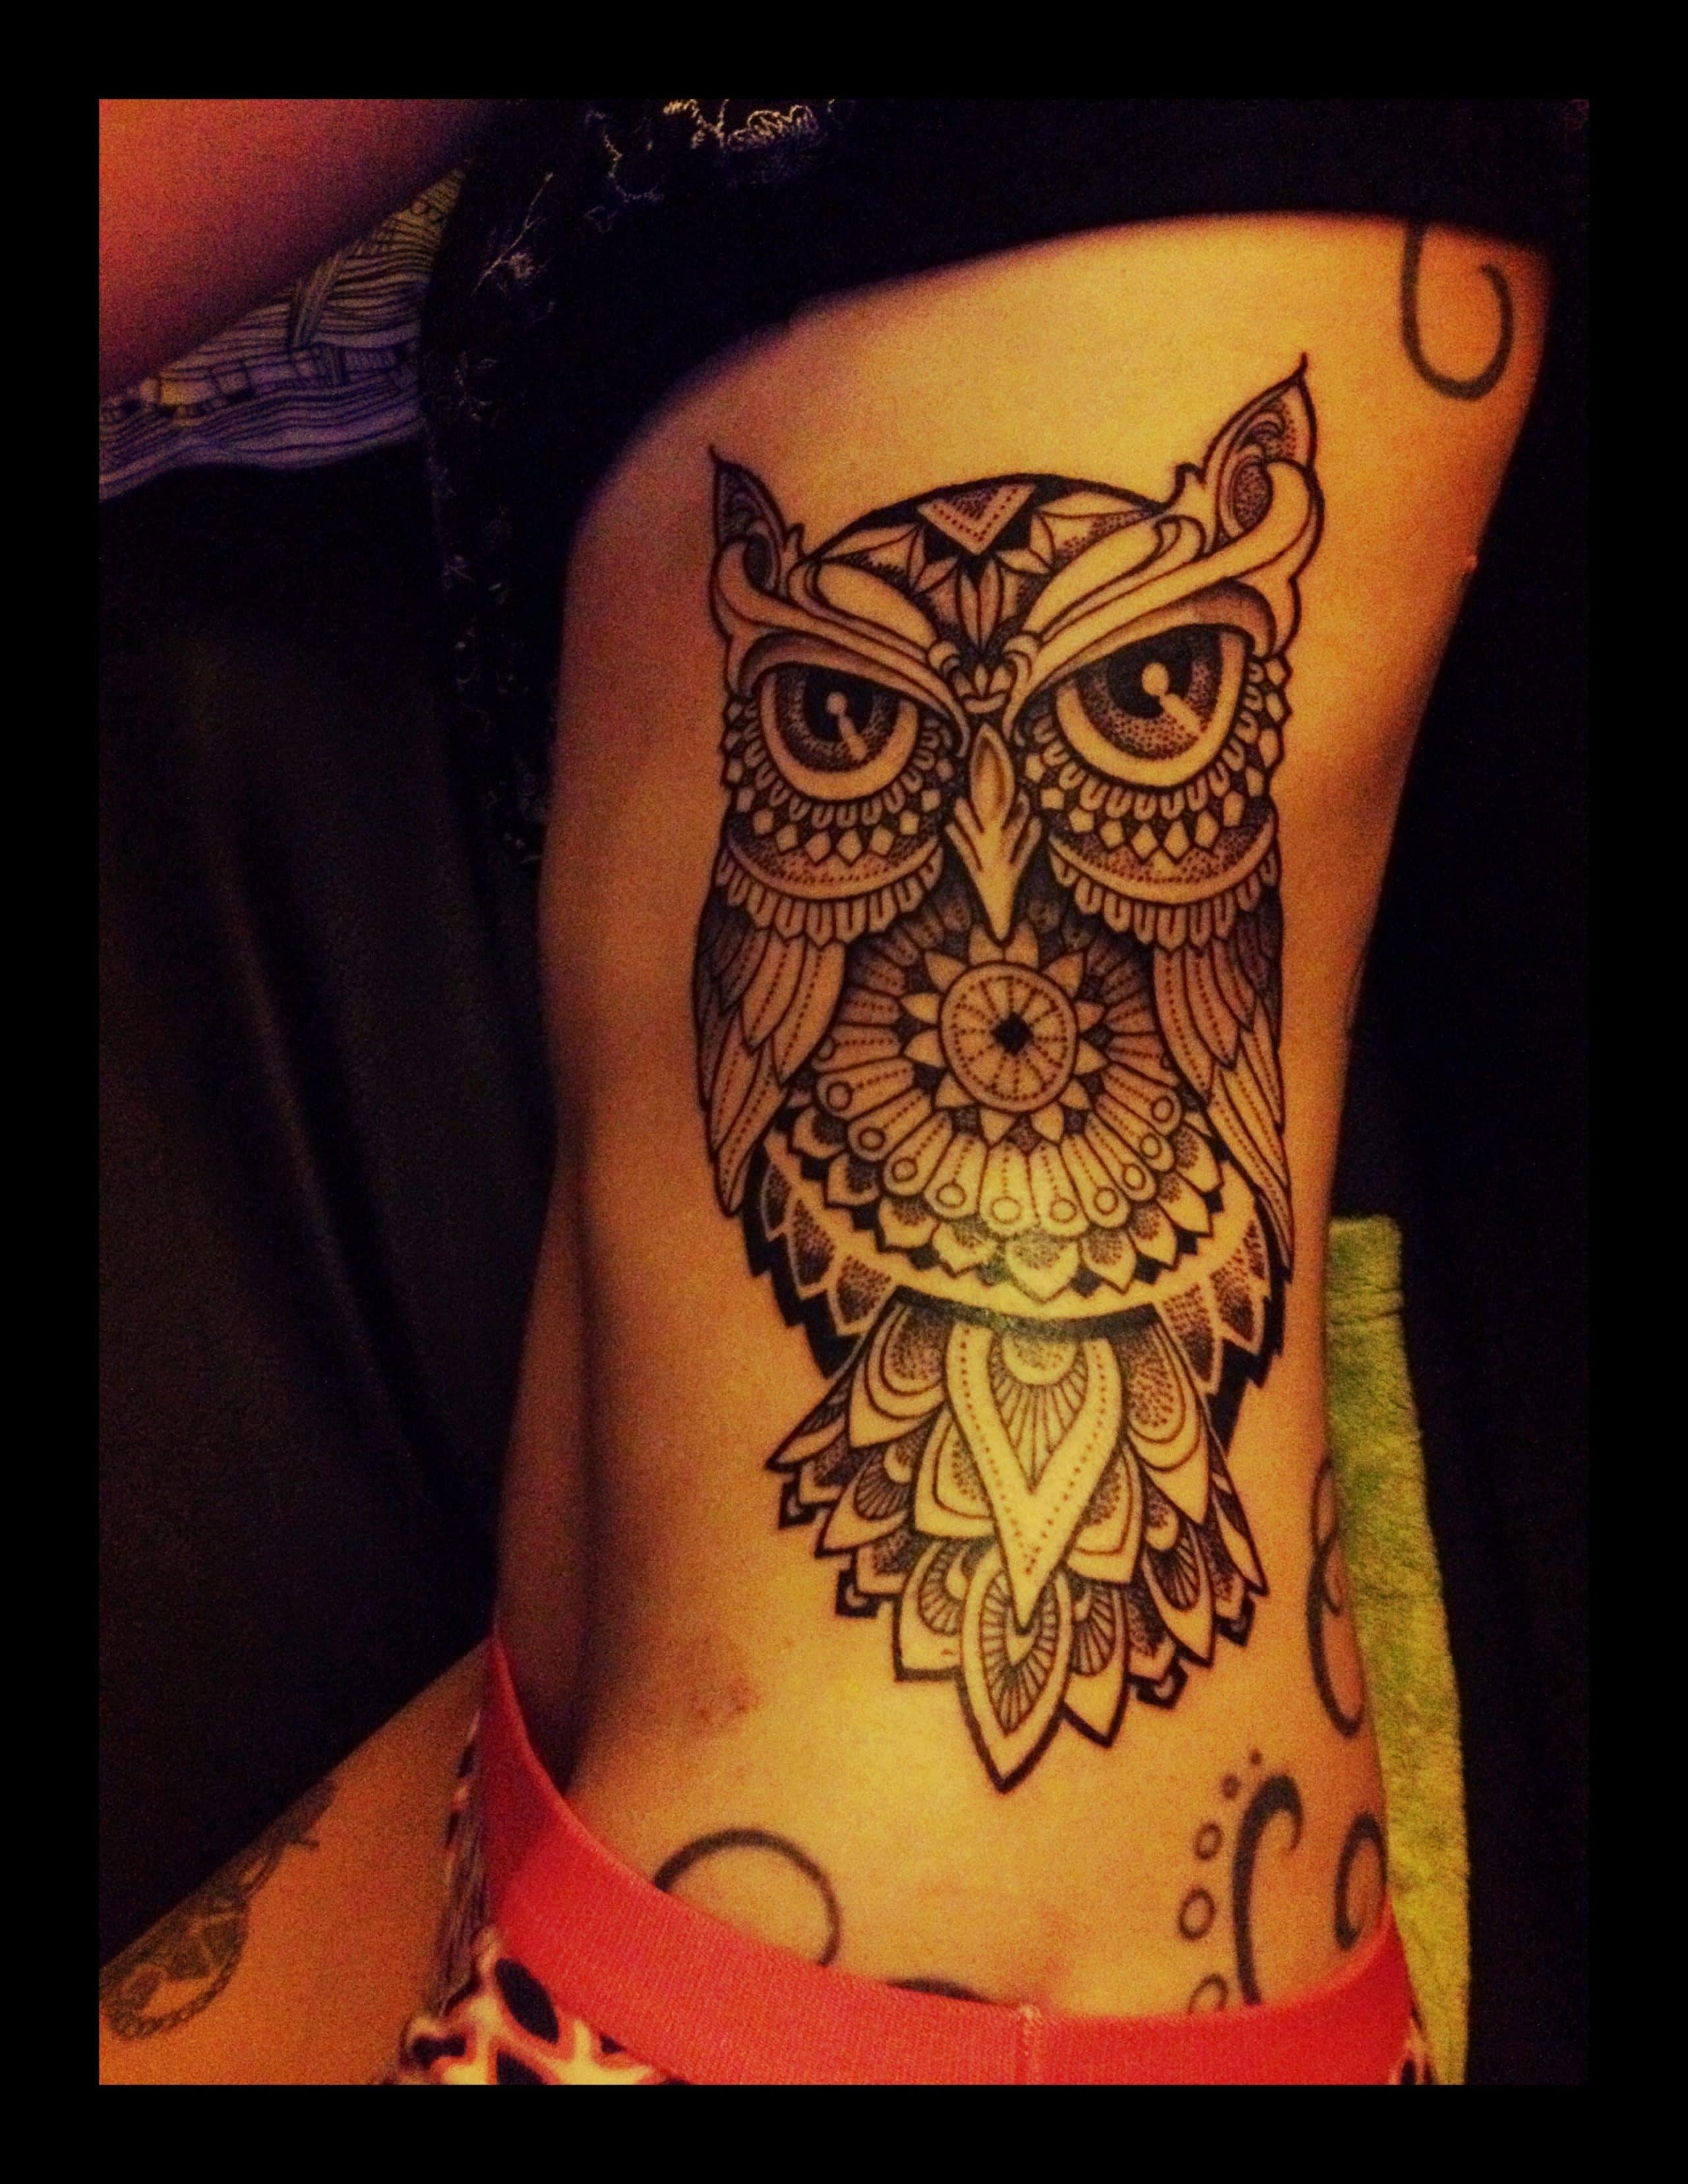 Duelen Mucho Los Tatuajes En Las Costillas Se Deforman